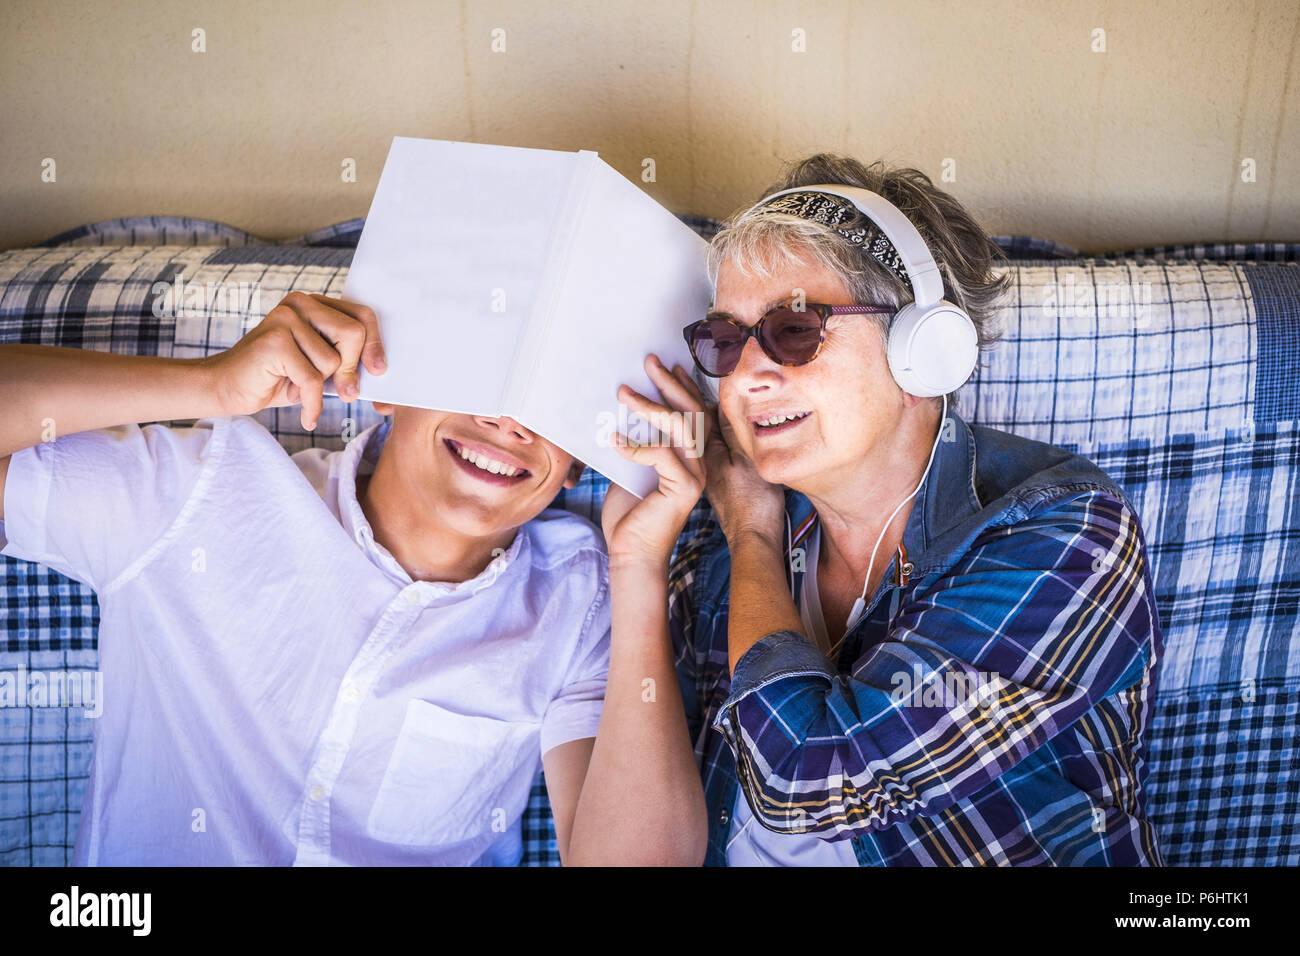 Par de personas felices disfrutando del verano el tiempo libre juntos en la terraza al aire libre. el joven no quiere estudiar mientras la abuela liste Imagen De Stock